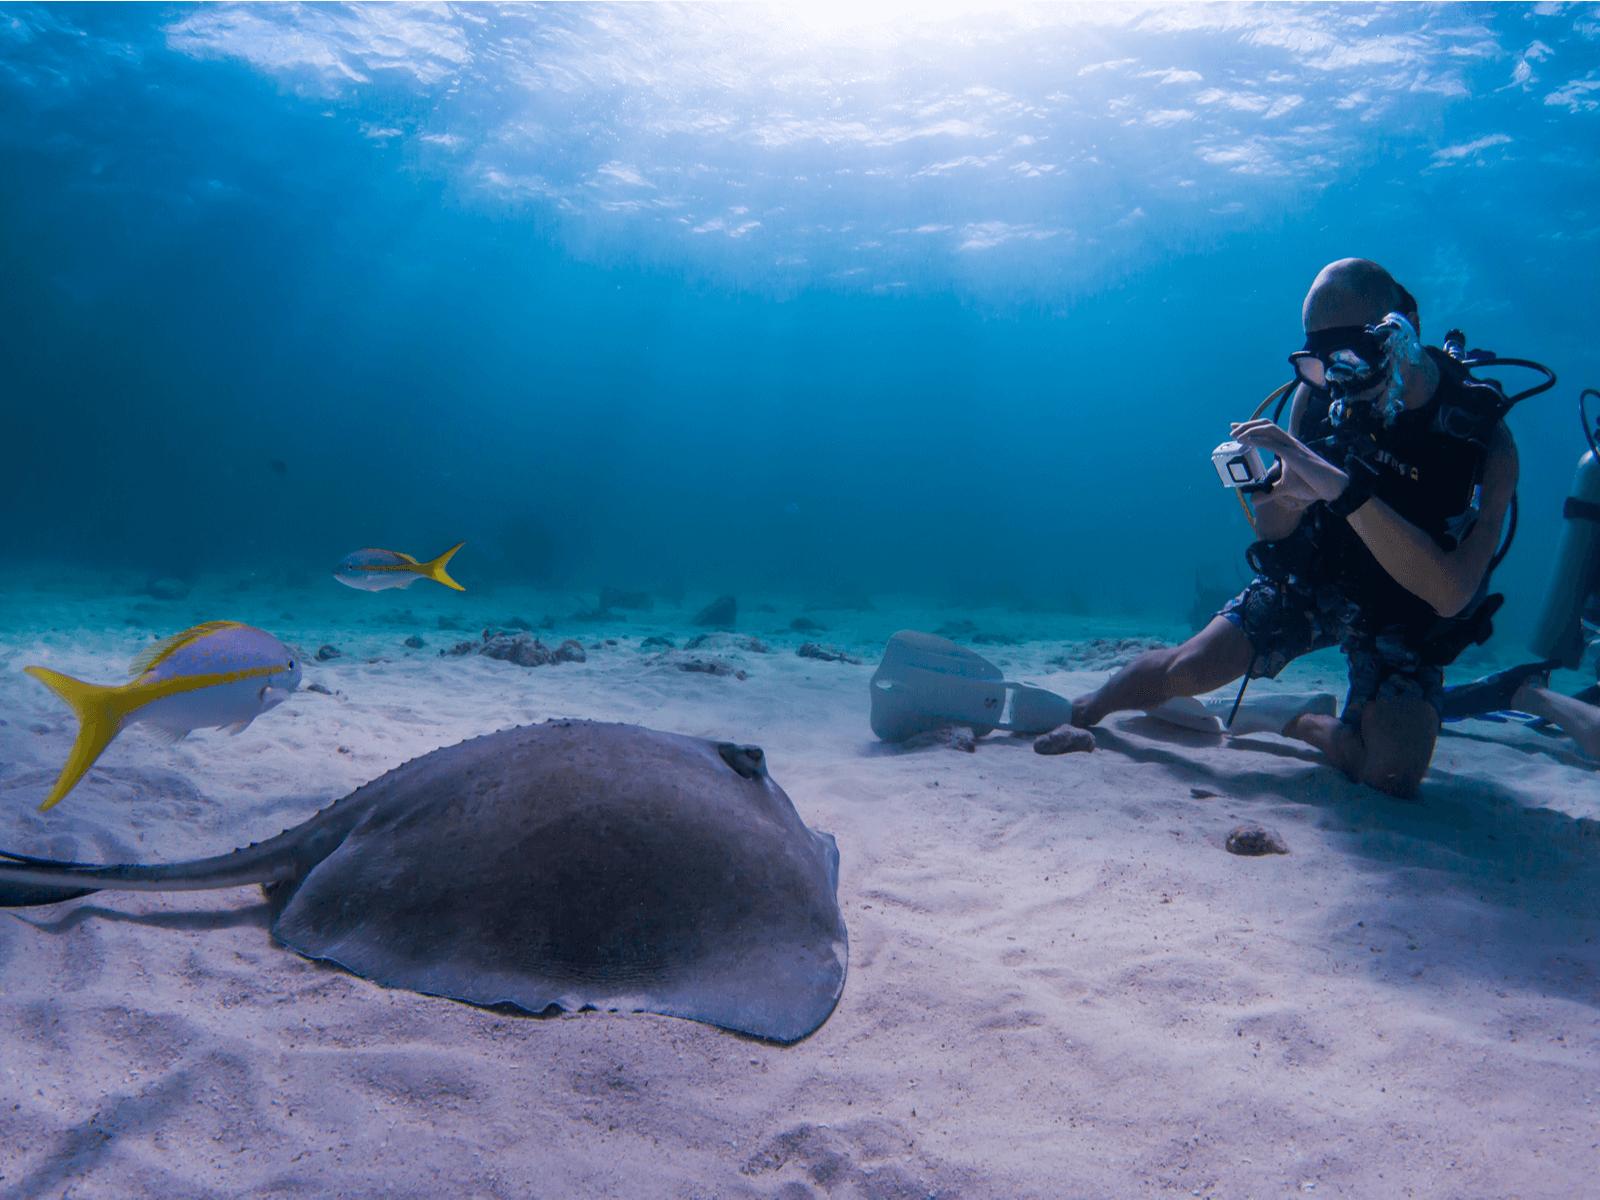 ダイビングにおすすめの水中カメラ8選!選び方や価格を徹底比較